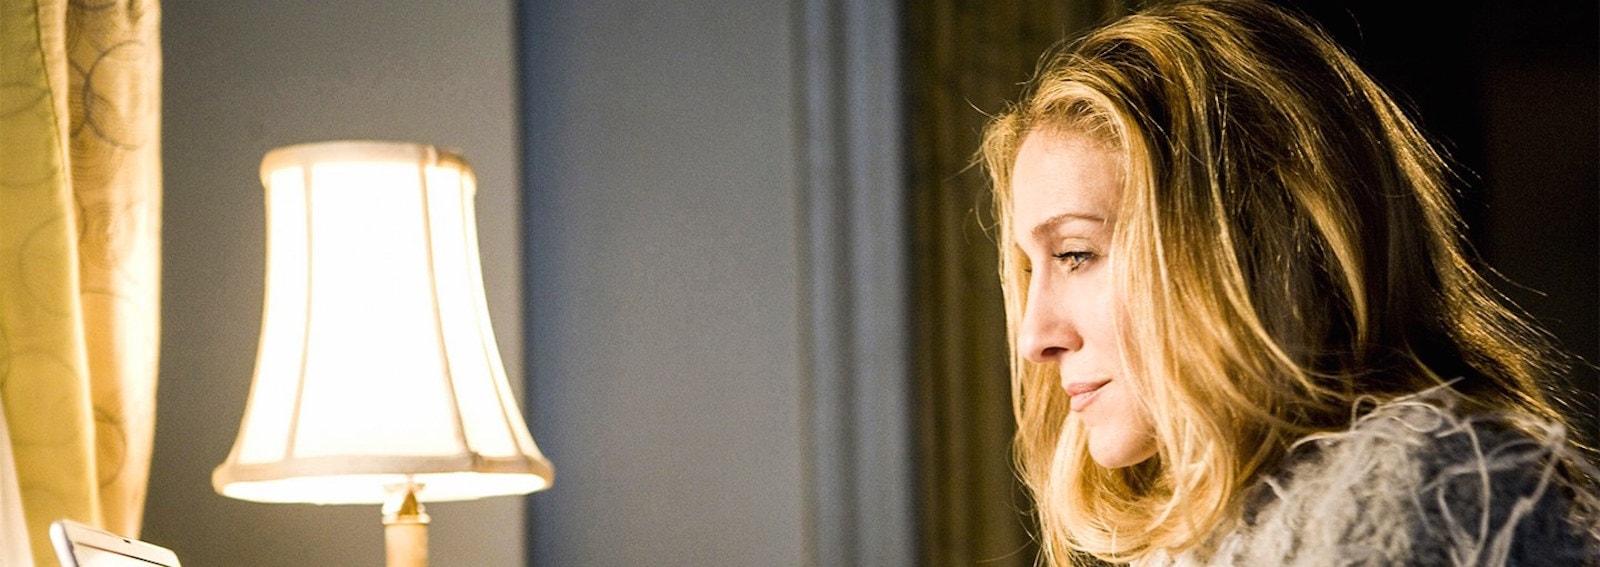 Sarah Jessica Parker capelli biondi